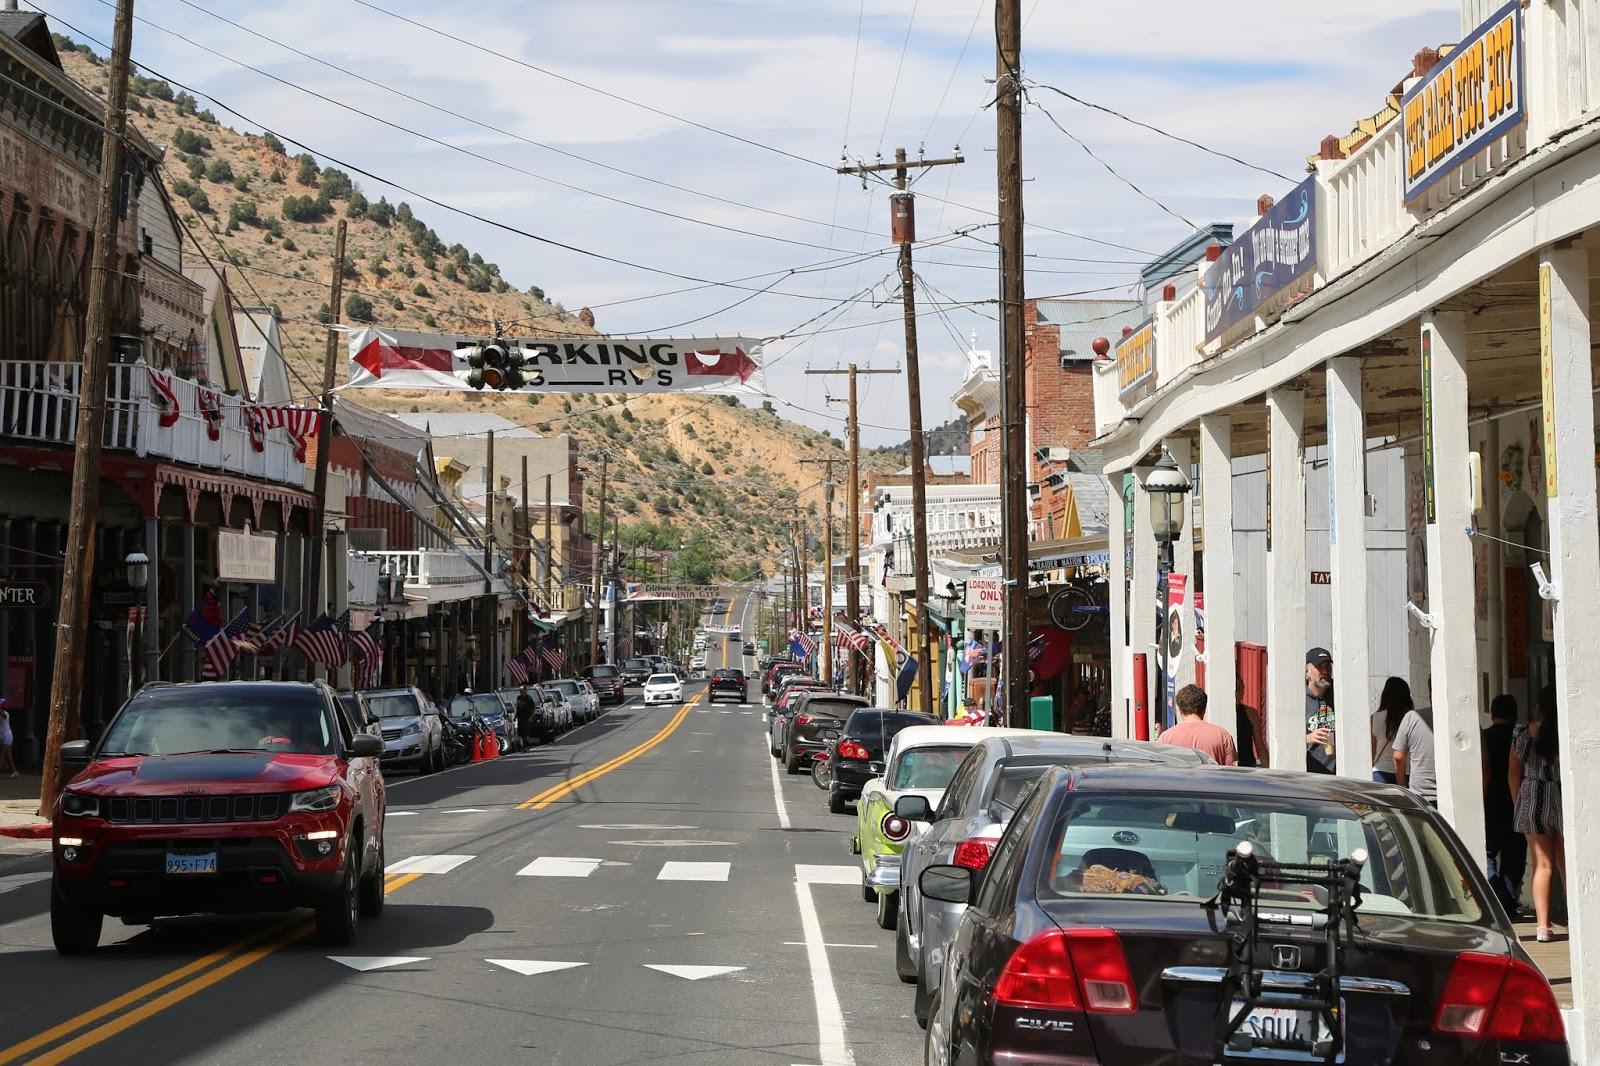 Mystical Gypsy Reno Nv Pt 3 Virginia City